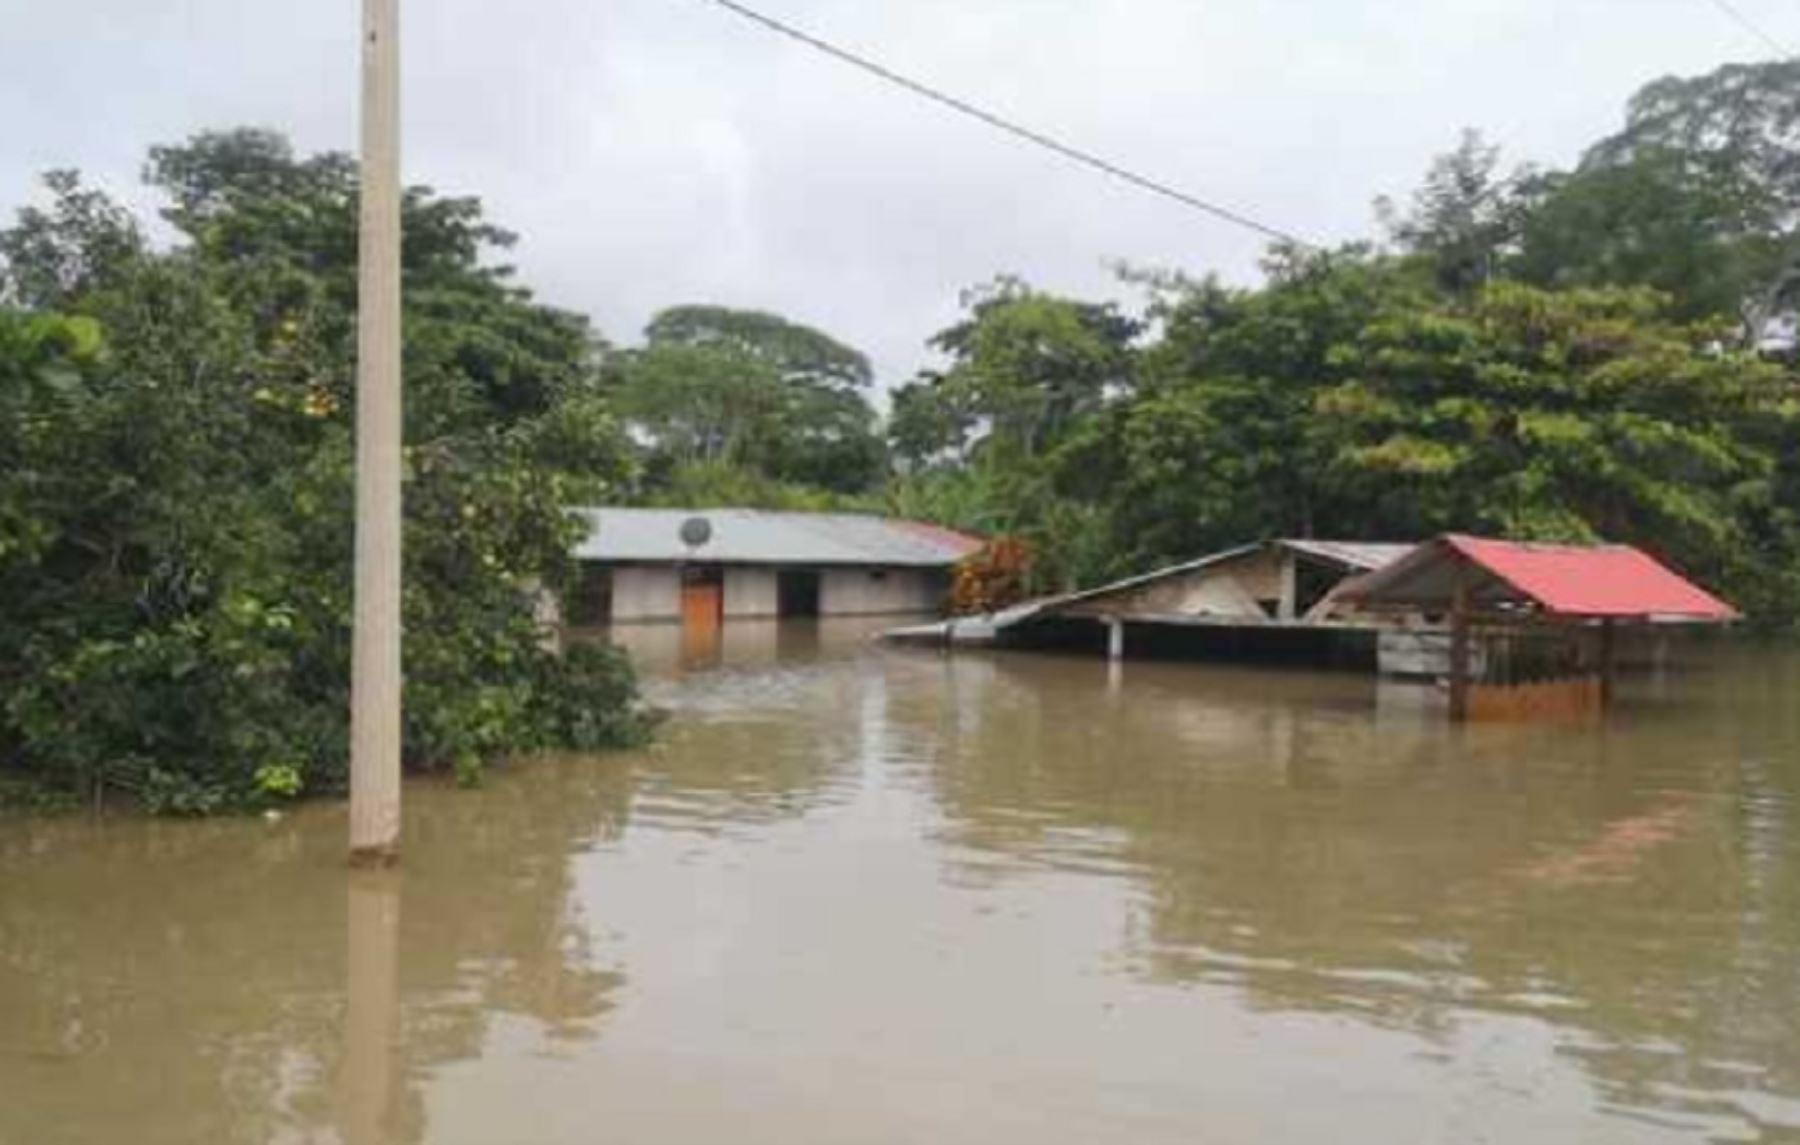 emergencia-en-madre-de-dios-15000-damnificados-y-afectados-dejan-lluvias-e-inundaciones